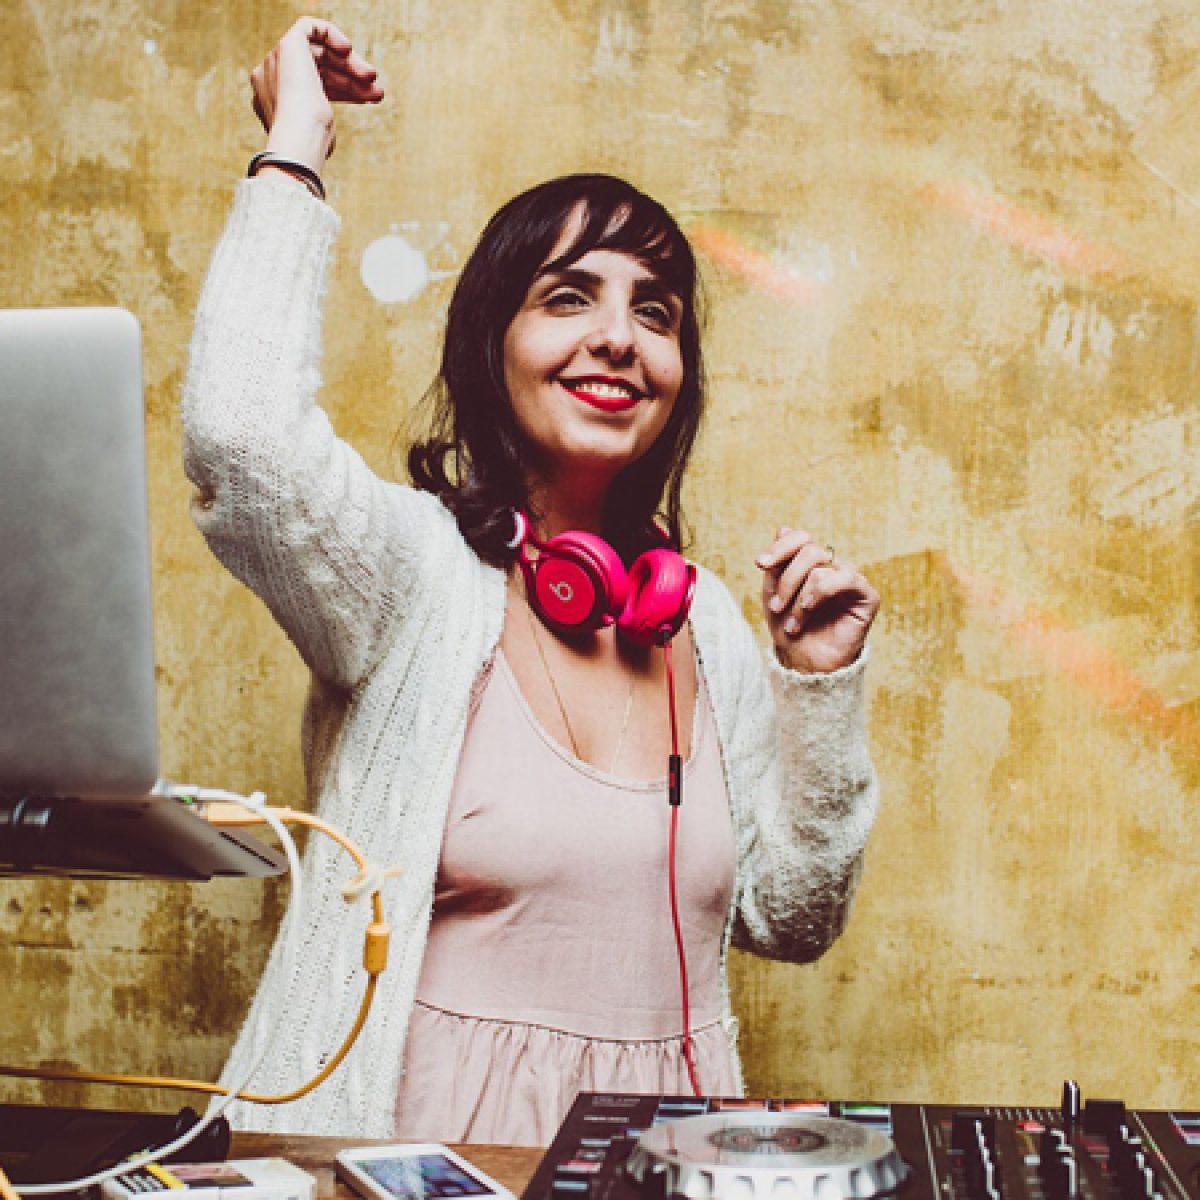 די ג׳יי בחורה מתקלטת מחייכת ל - DJ woman smiling